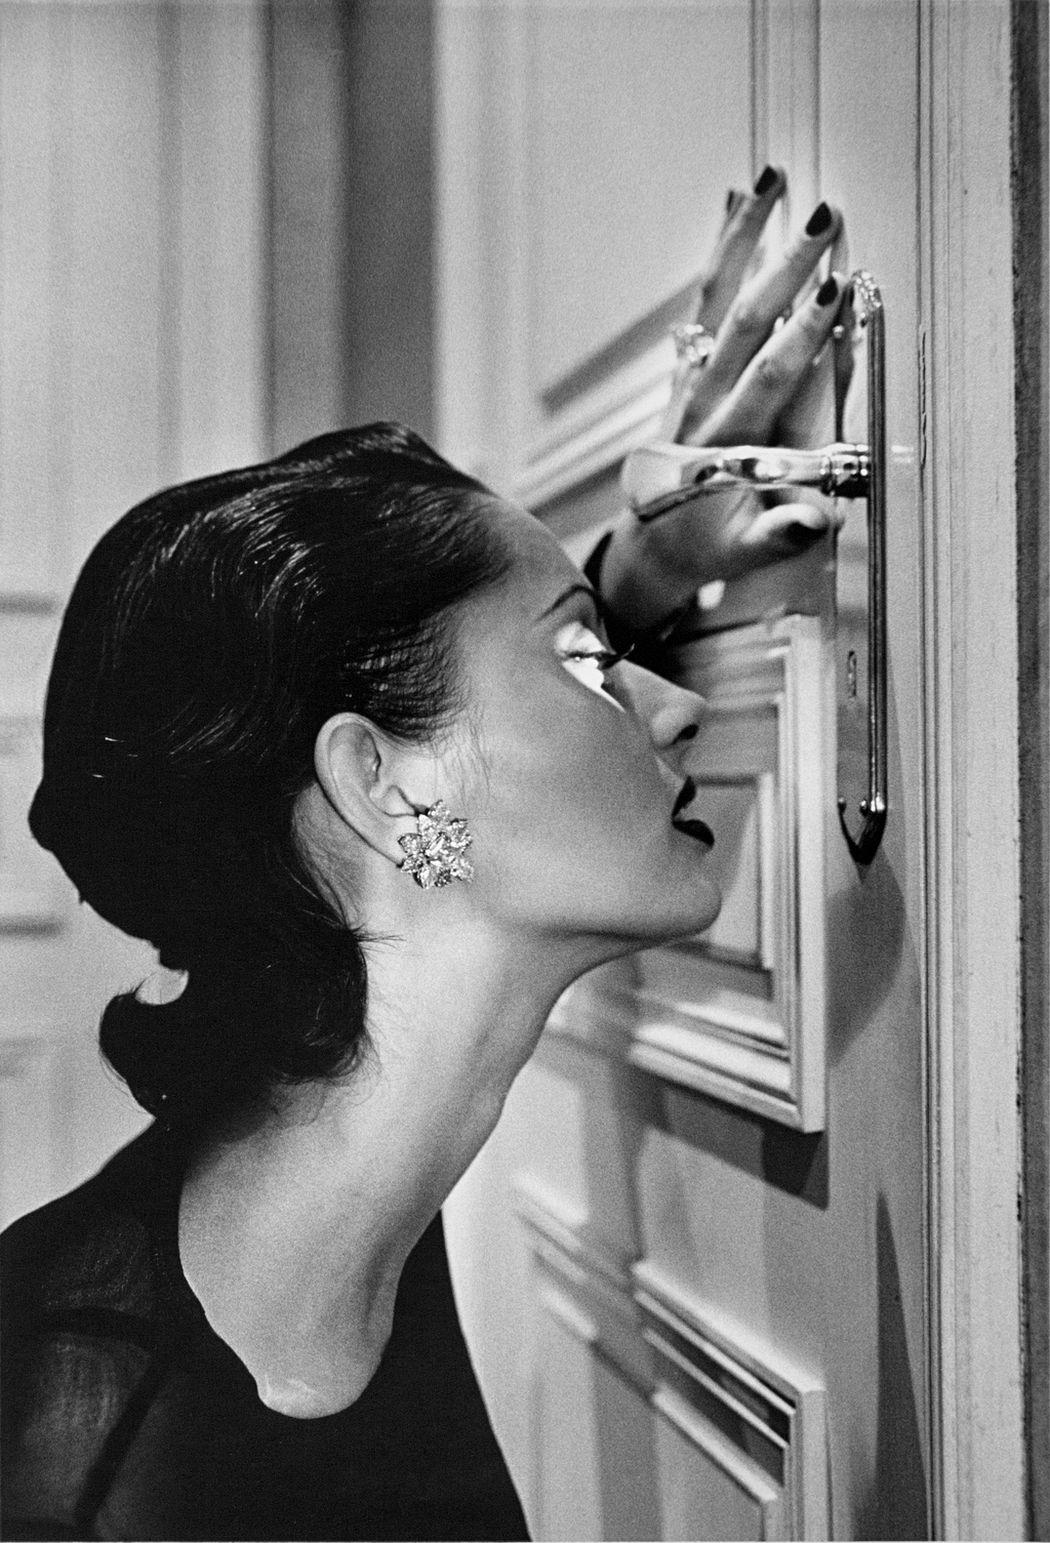 Helmut Newton Heather looking through a keyhole, 1994 © Helmut Newton Estate